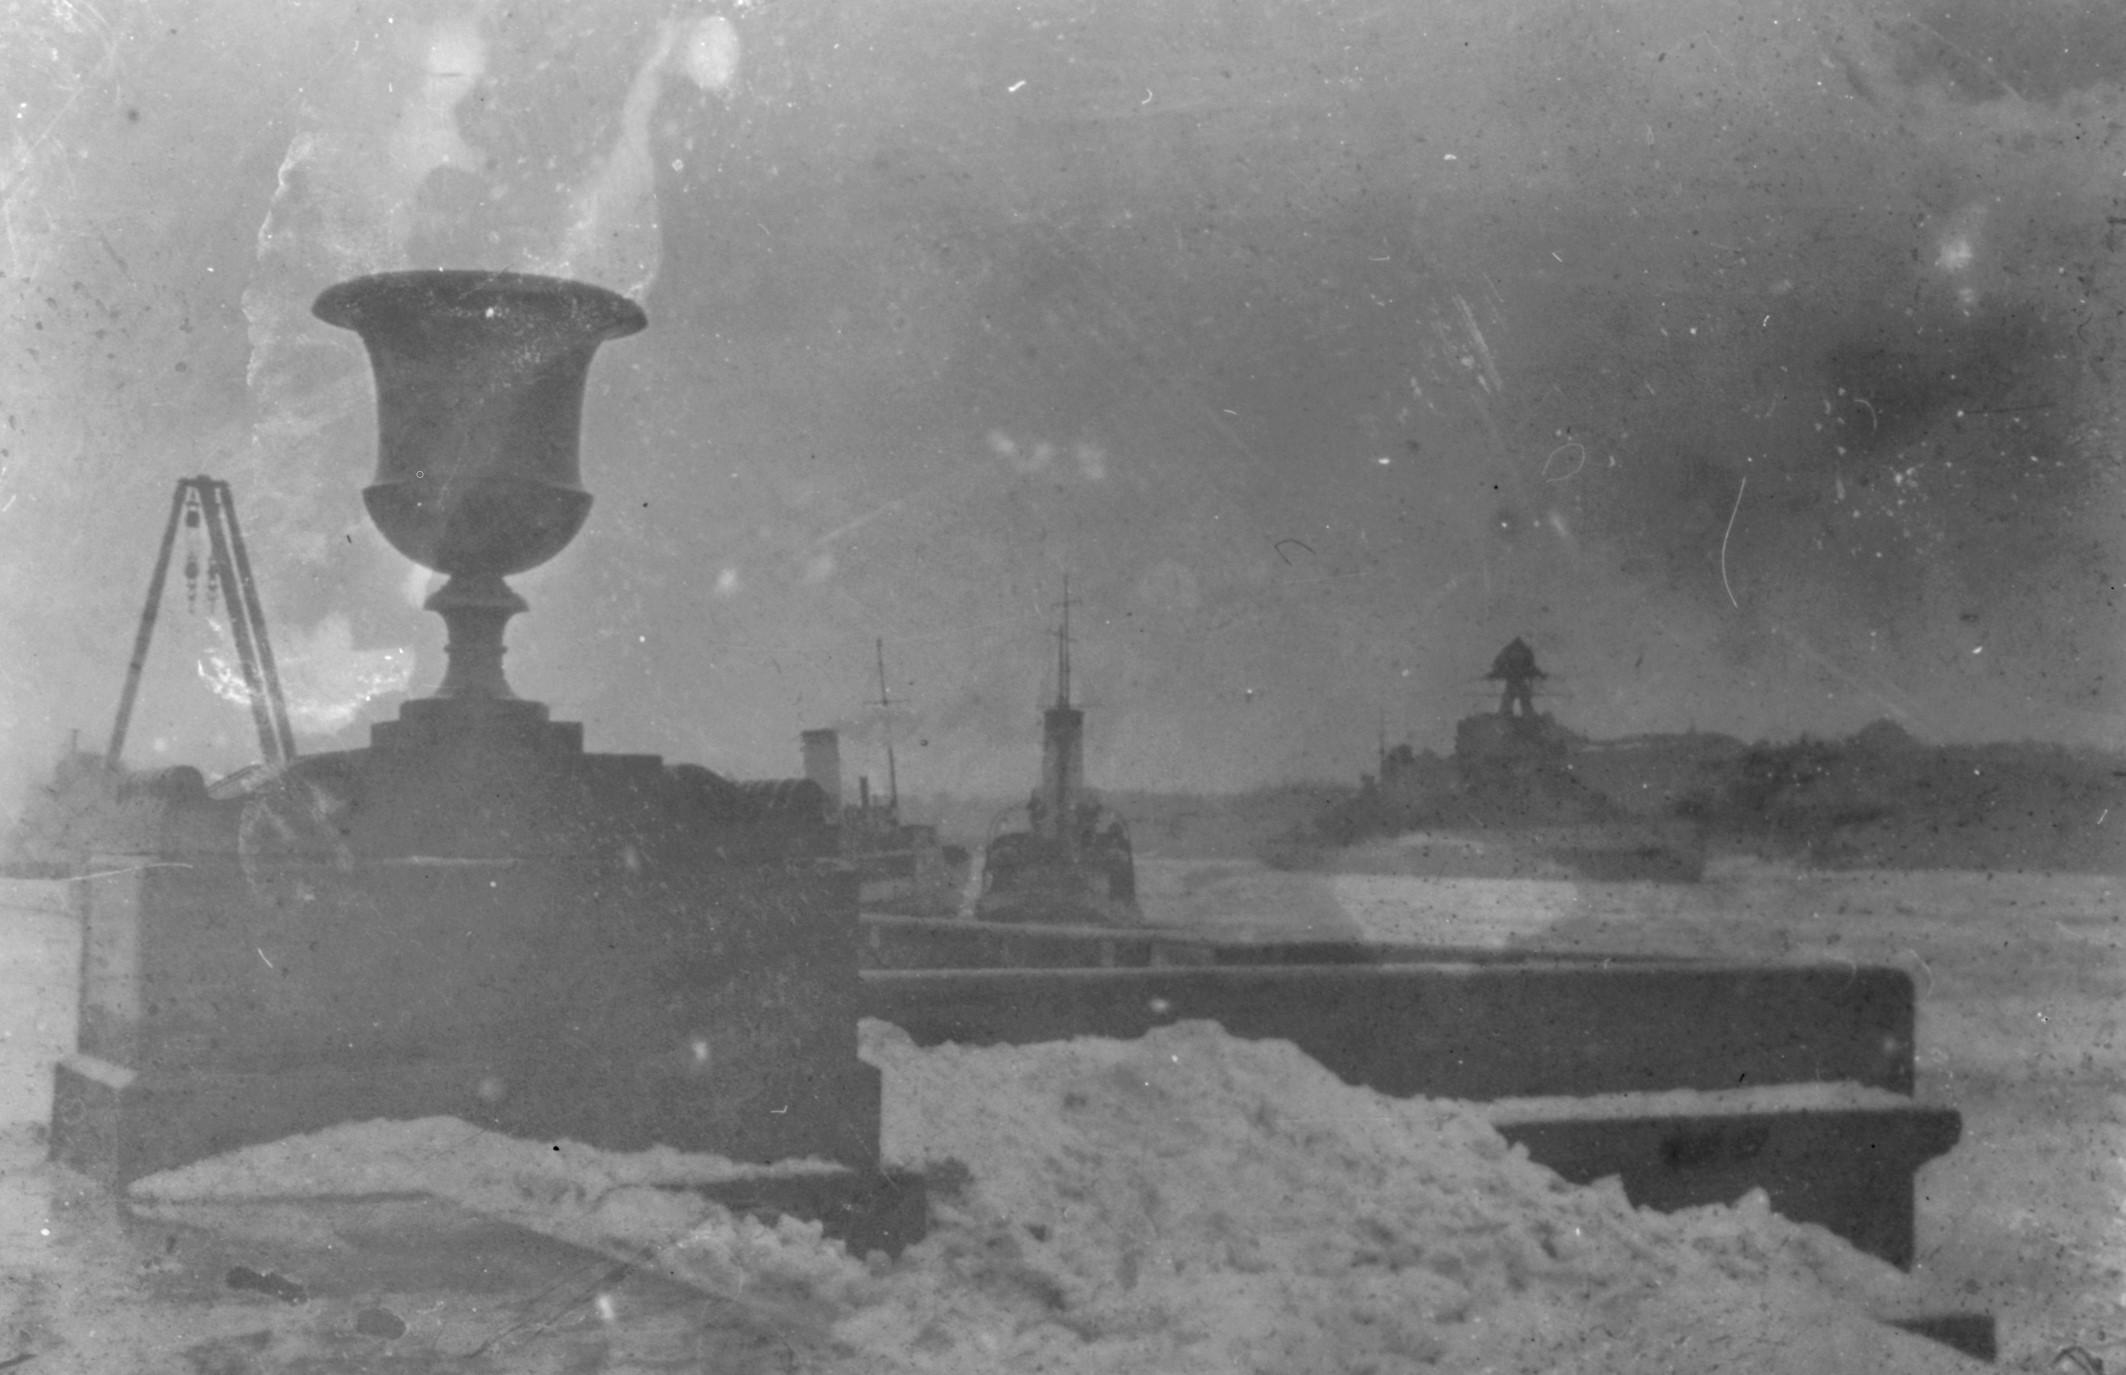 Киров на реке Неве, 1944